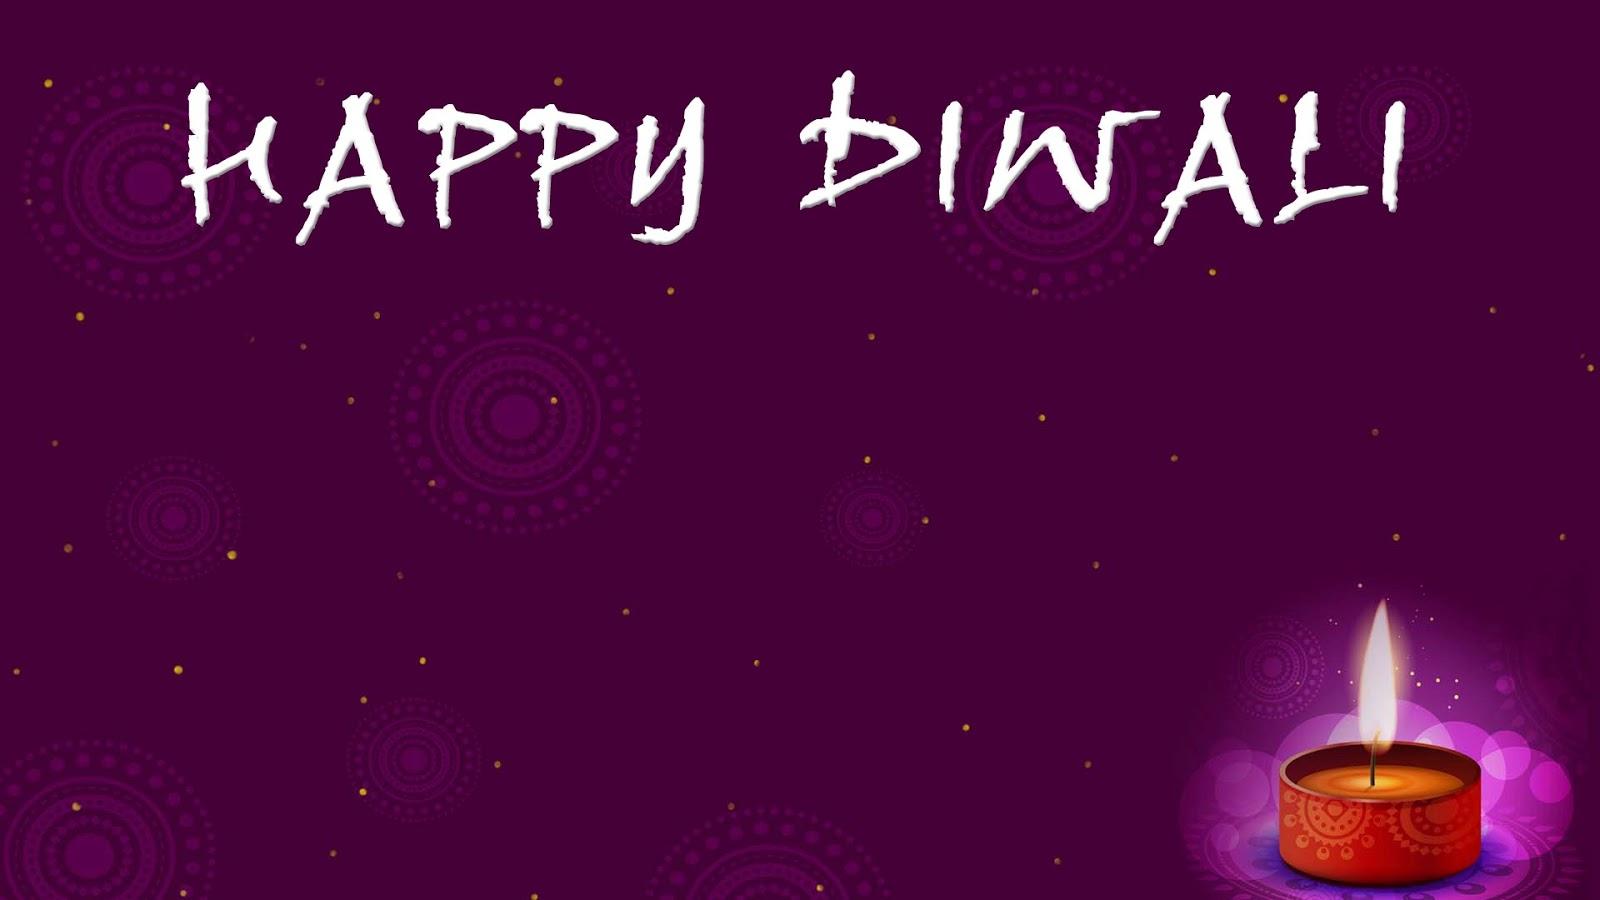 Happy Diwali Wallpapers for Desktop 2018